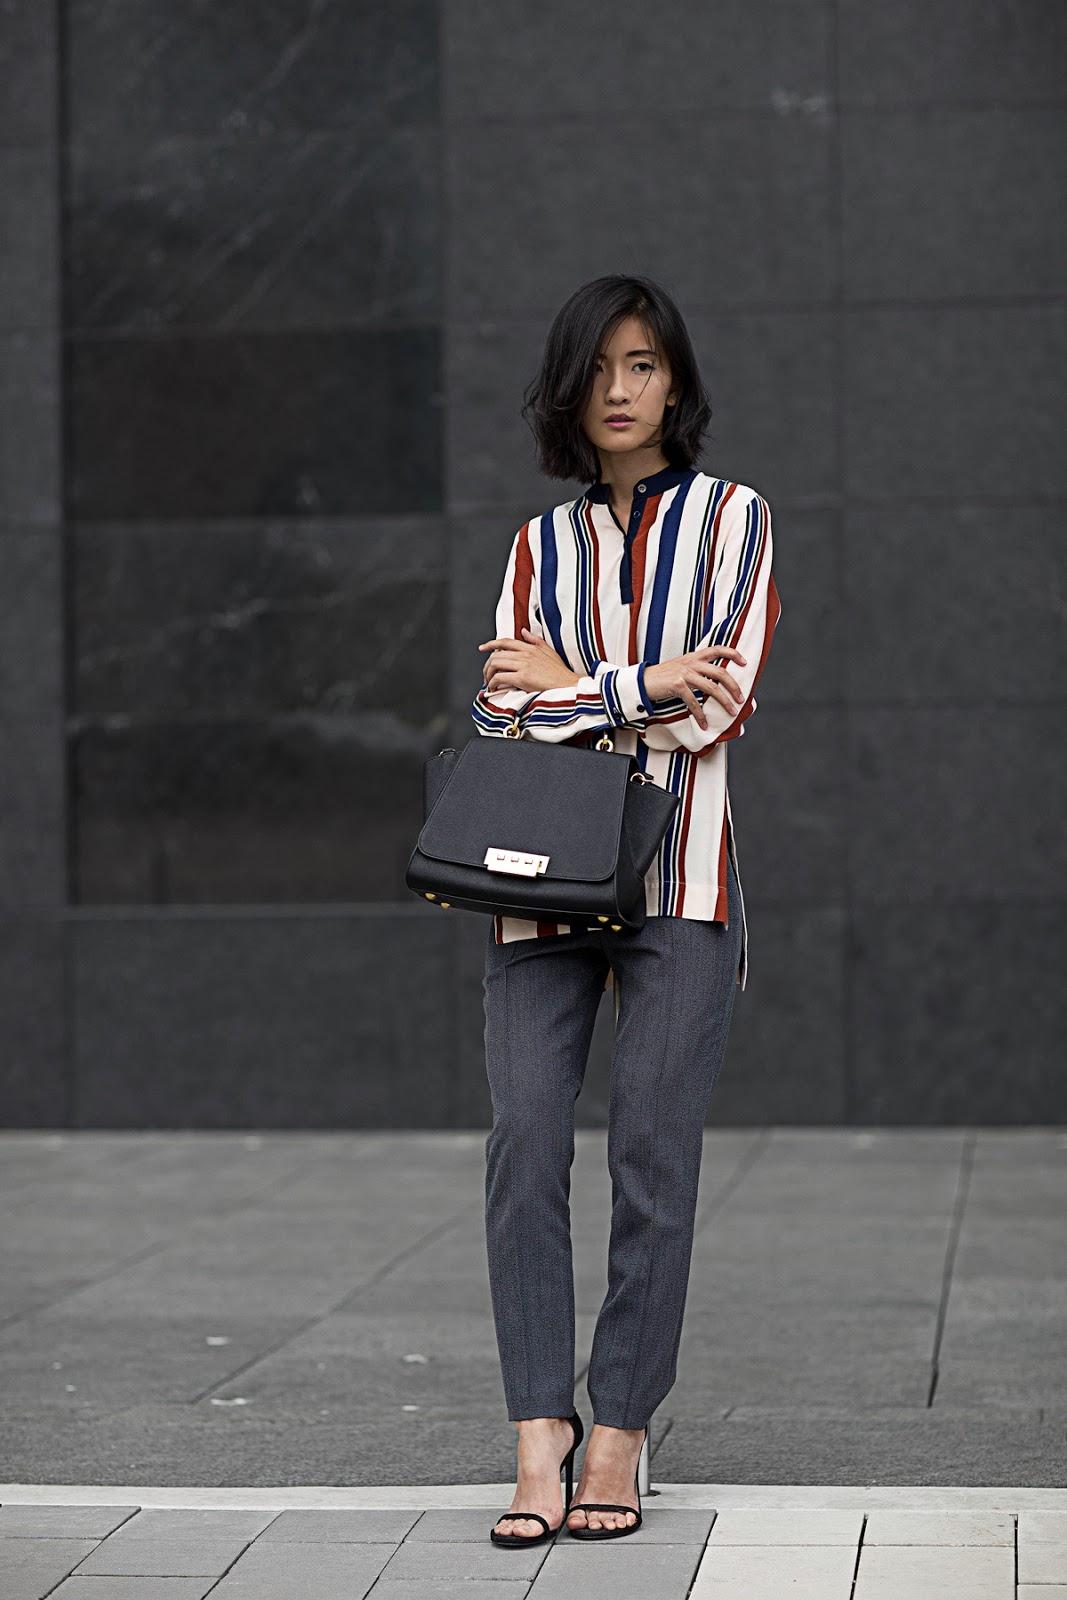 von vogue topshop striped shirt zac posen bag